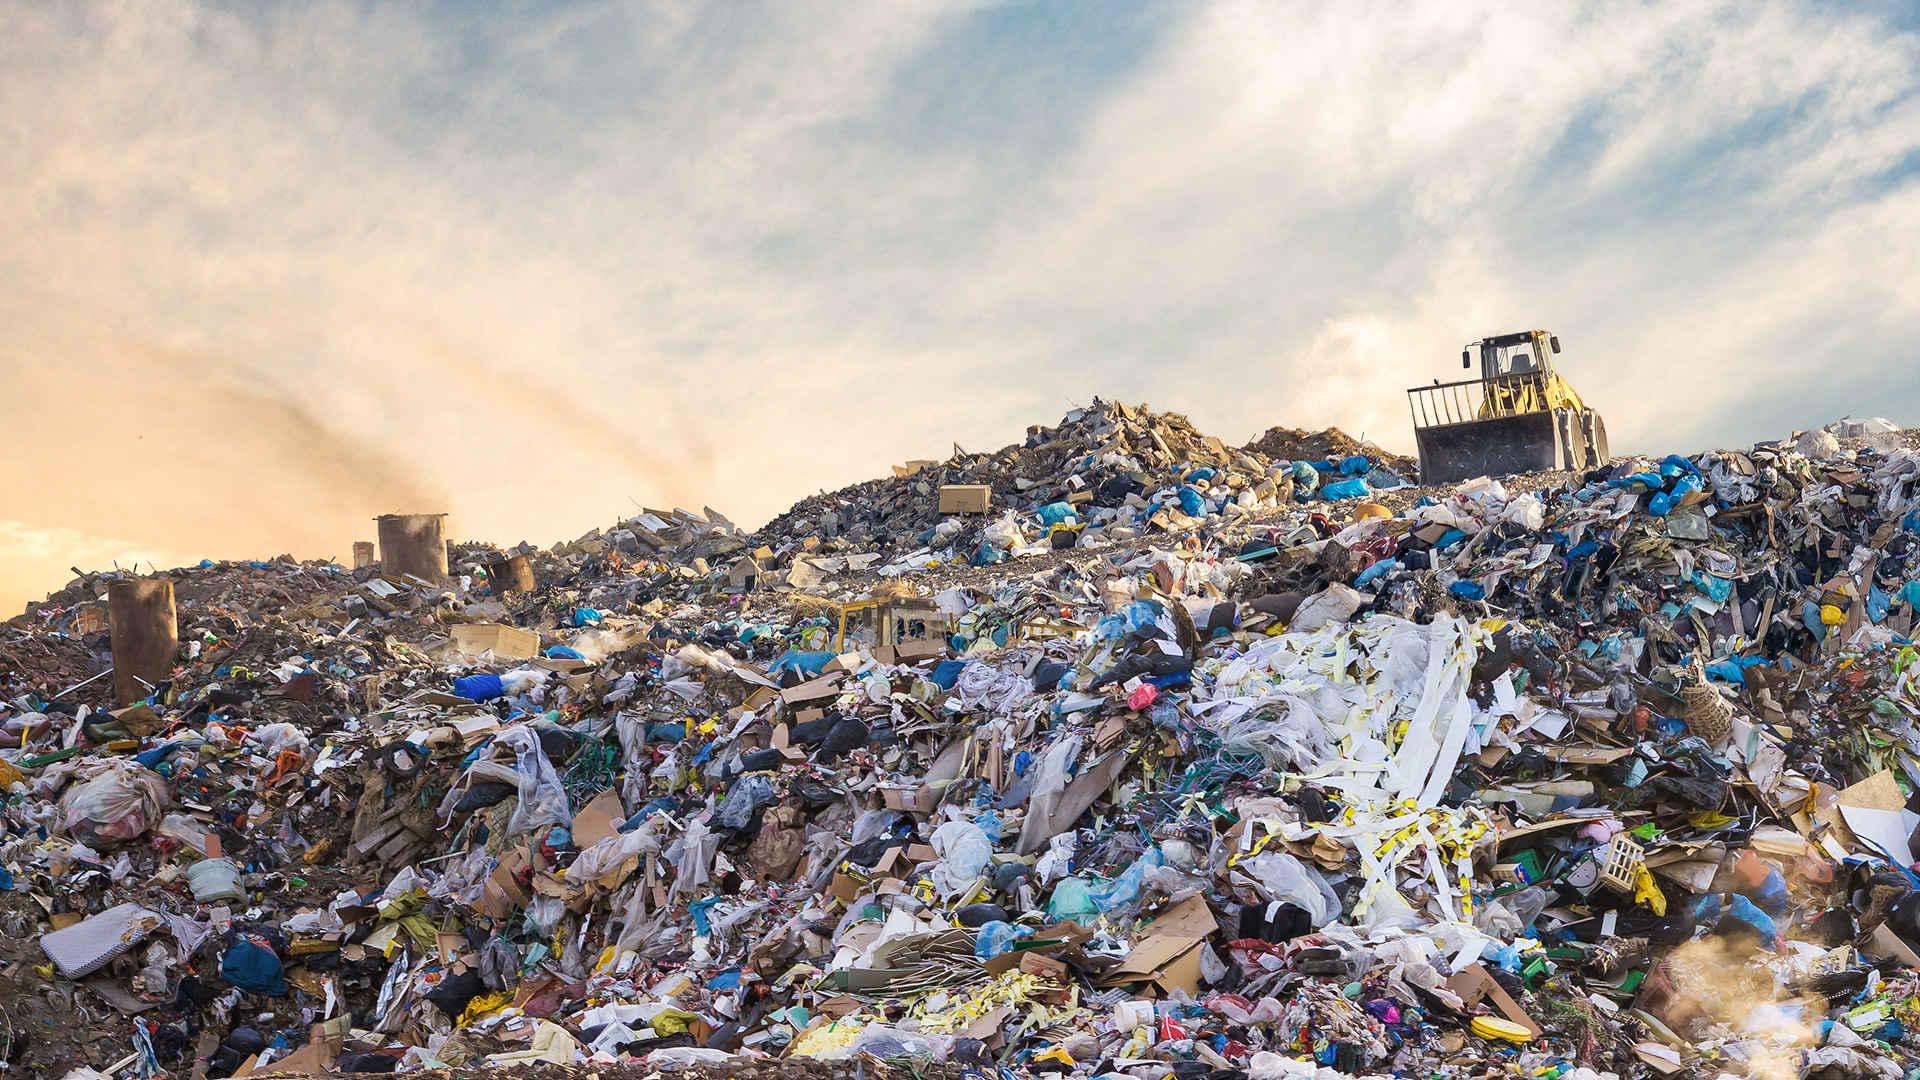 Lebensmittelverschwendung: Müllhalde